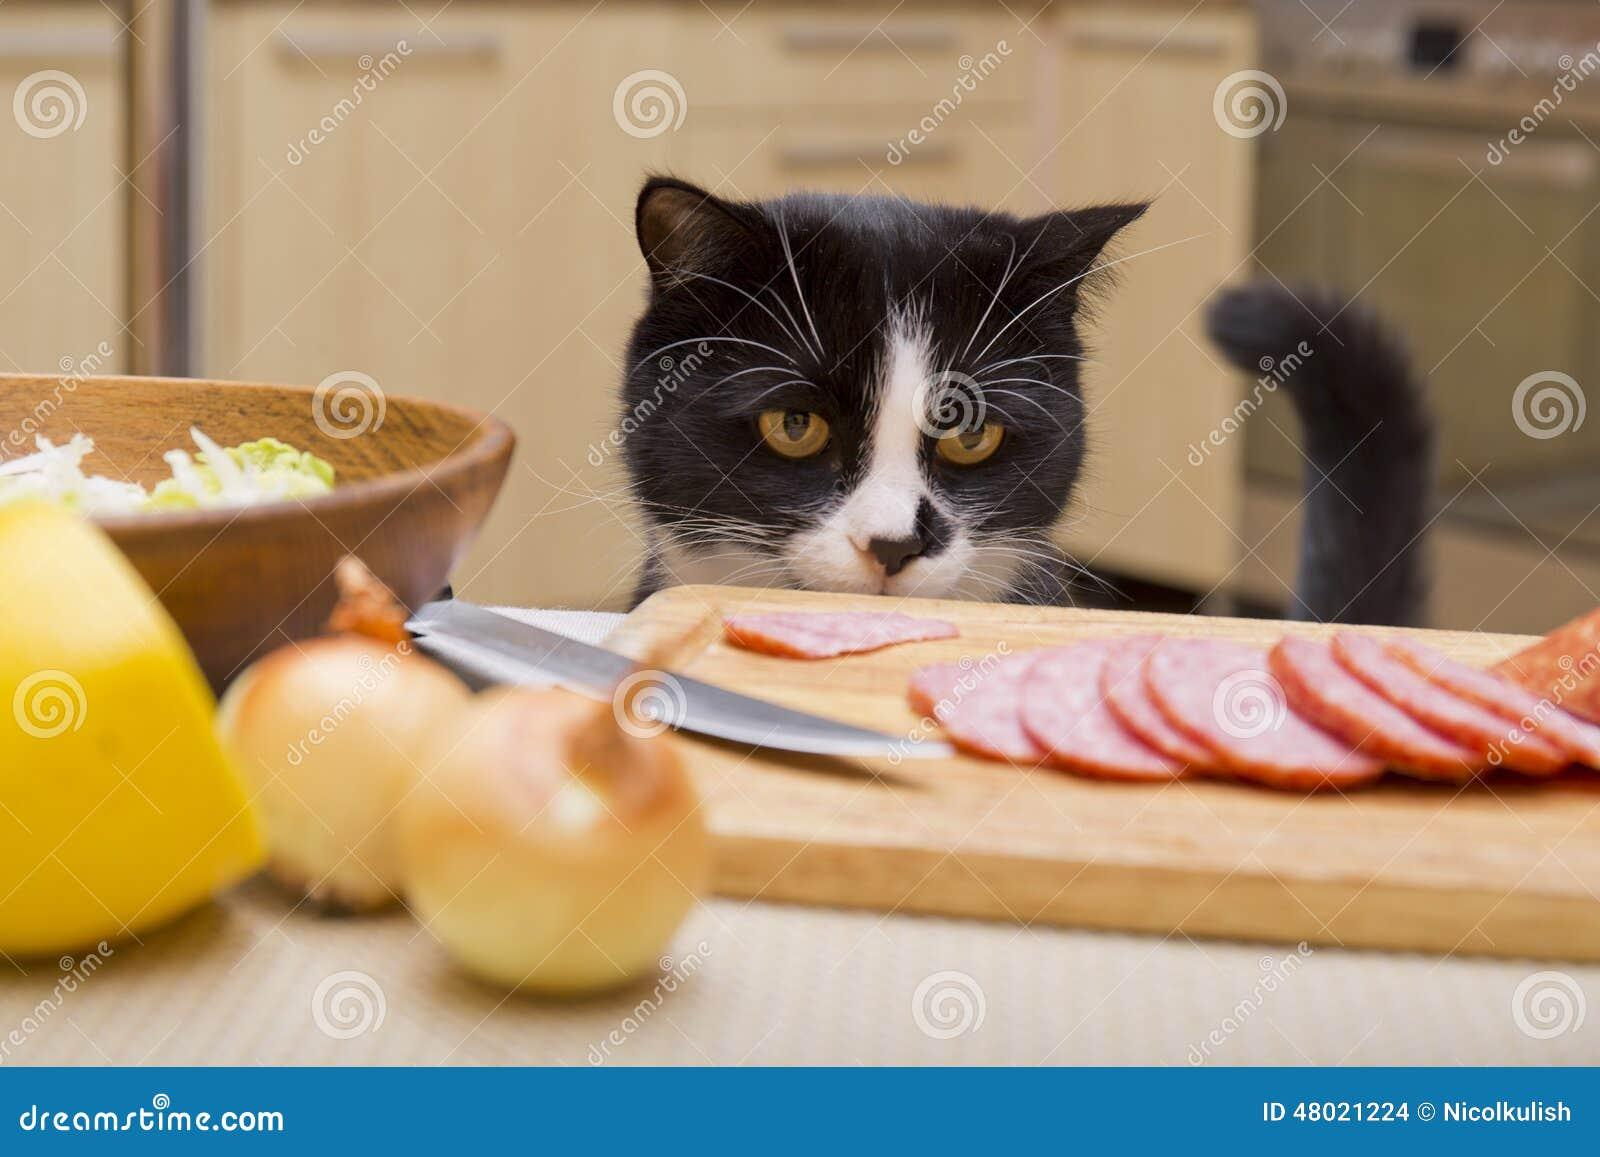 Кот и сосиска скачать